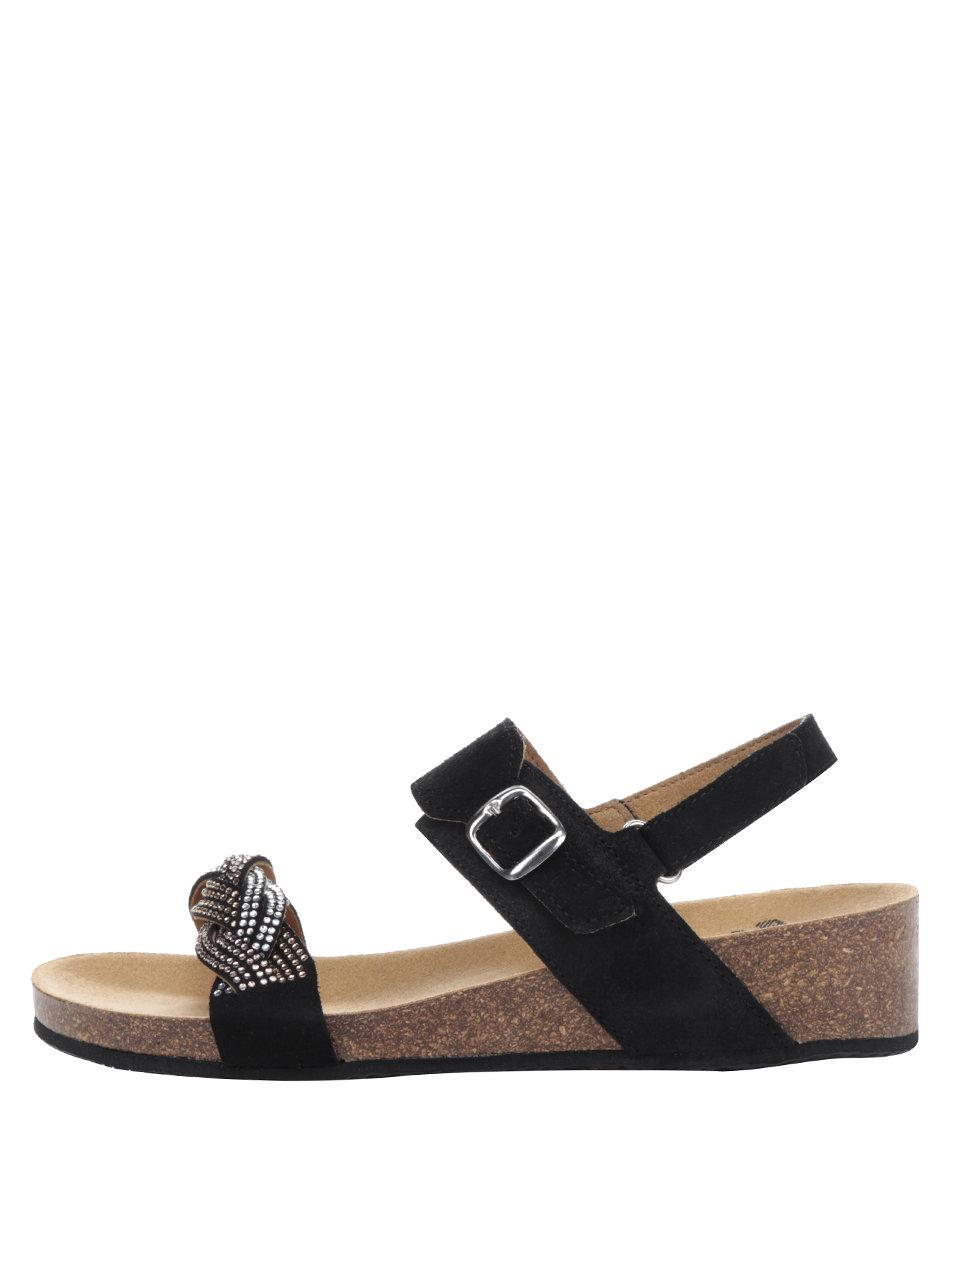 7bca10e216 Čierne dámske semišové zdravotné sandále Scholl Evelyne ...